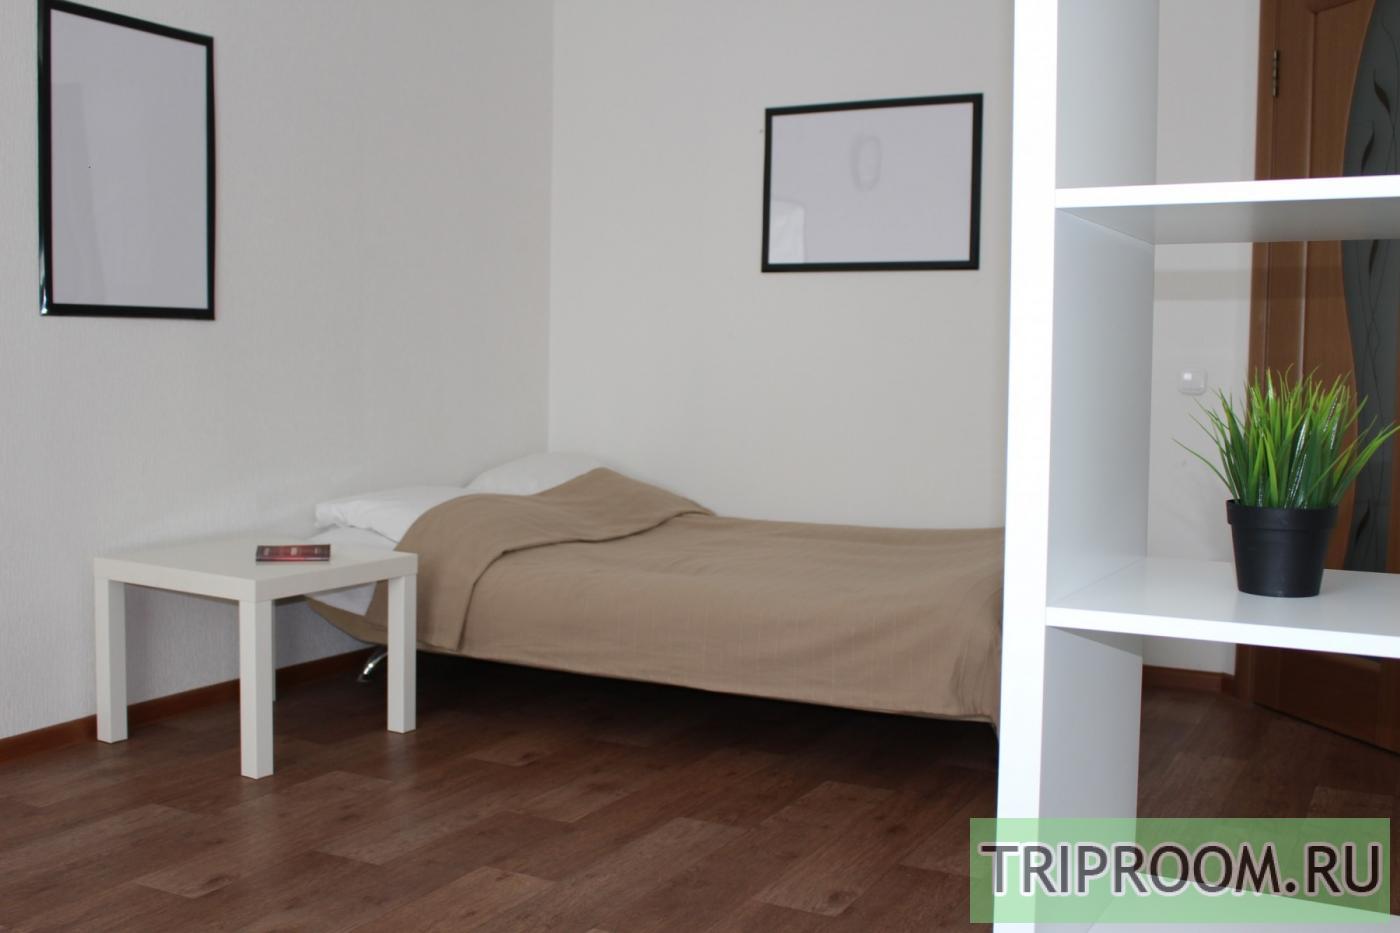 1-комнатная квартира посуточно (вариант № 32508), ул. Крахмалева улица, фото № 4